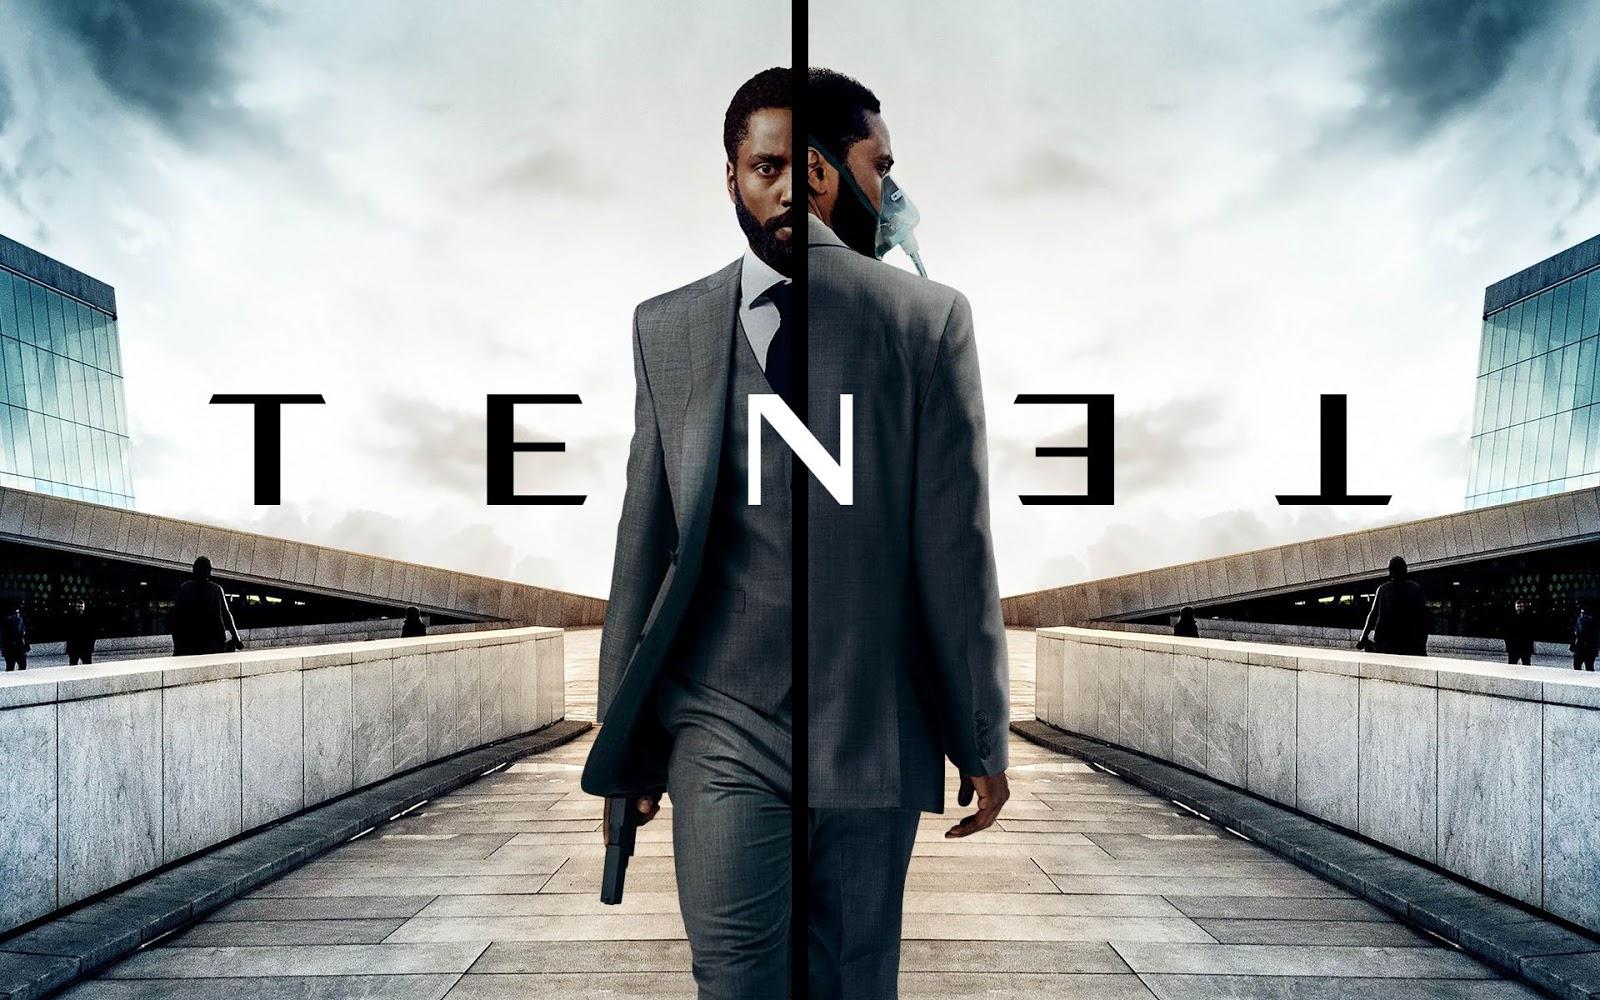 Tenet Full Movie Download Leaked By Filmyzilla In HD Online